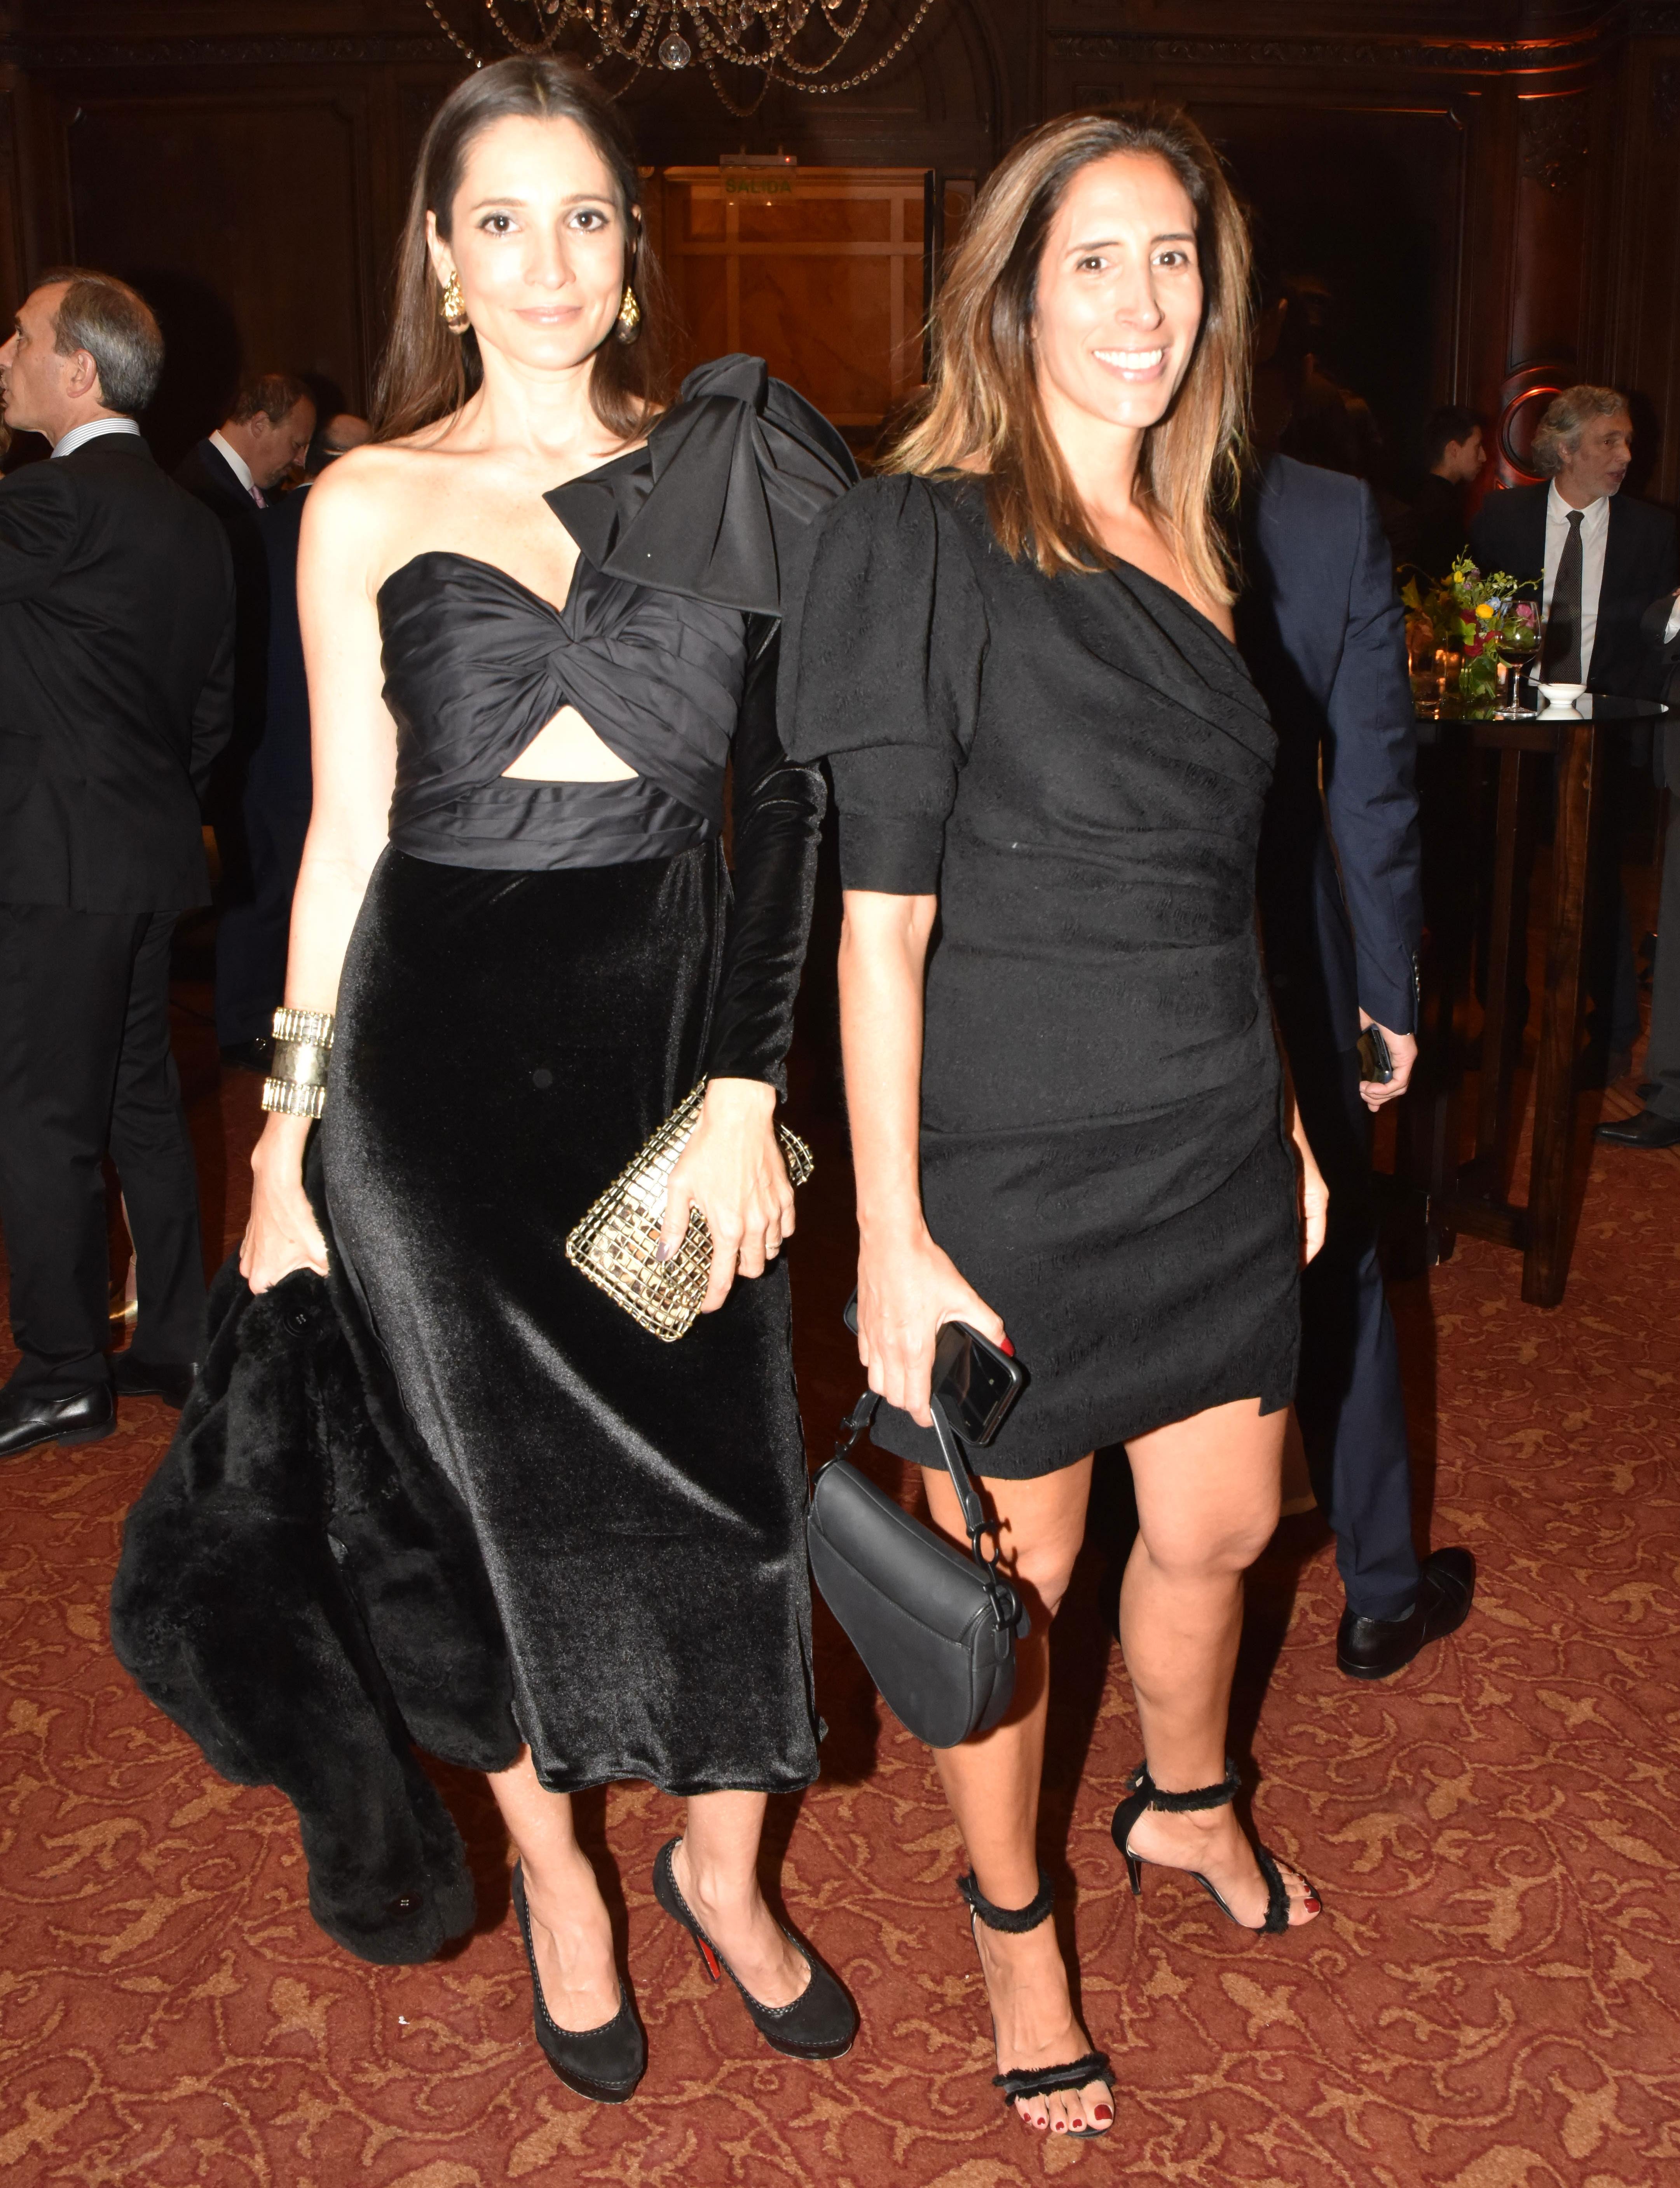 Astrid Muñoz de Novillo Astrada y Florencia Perotti